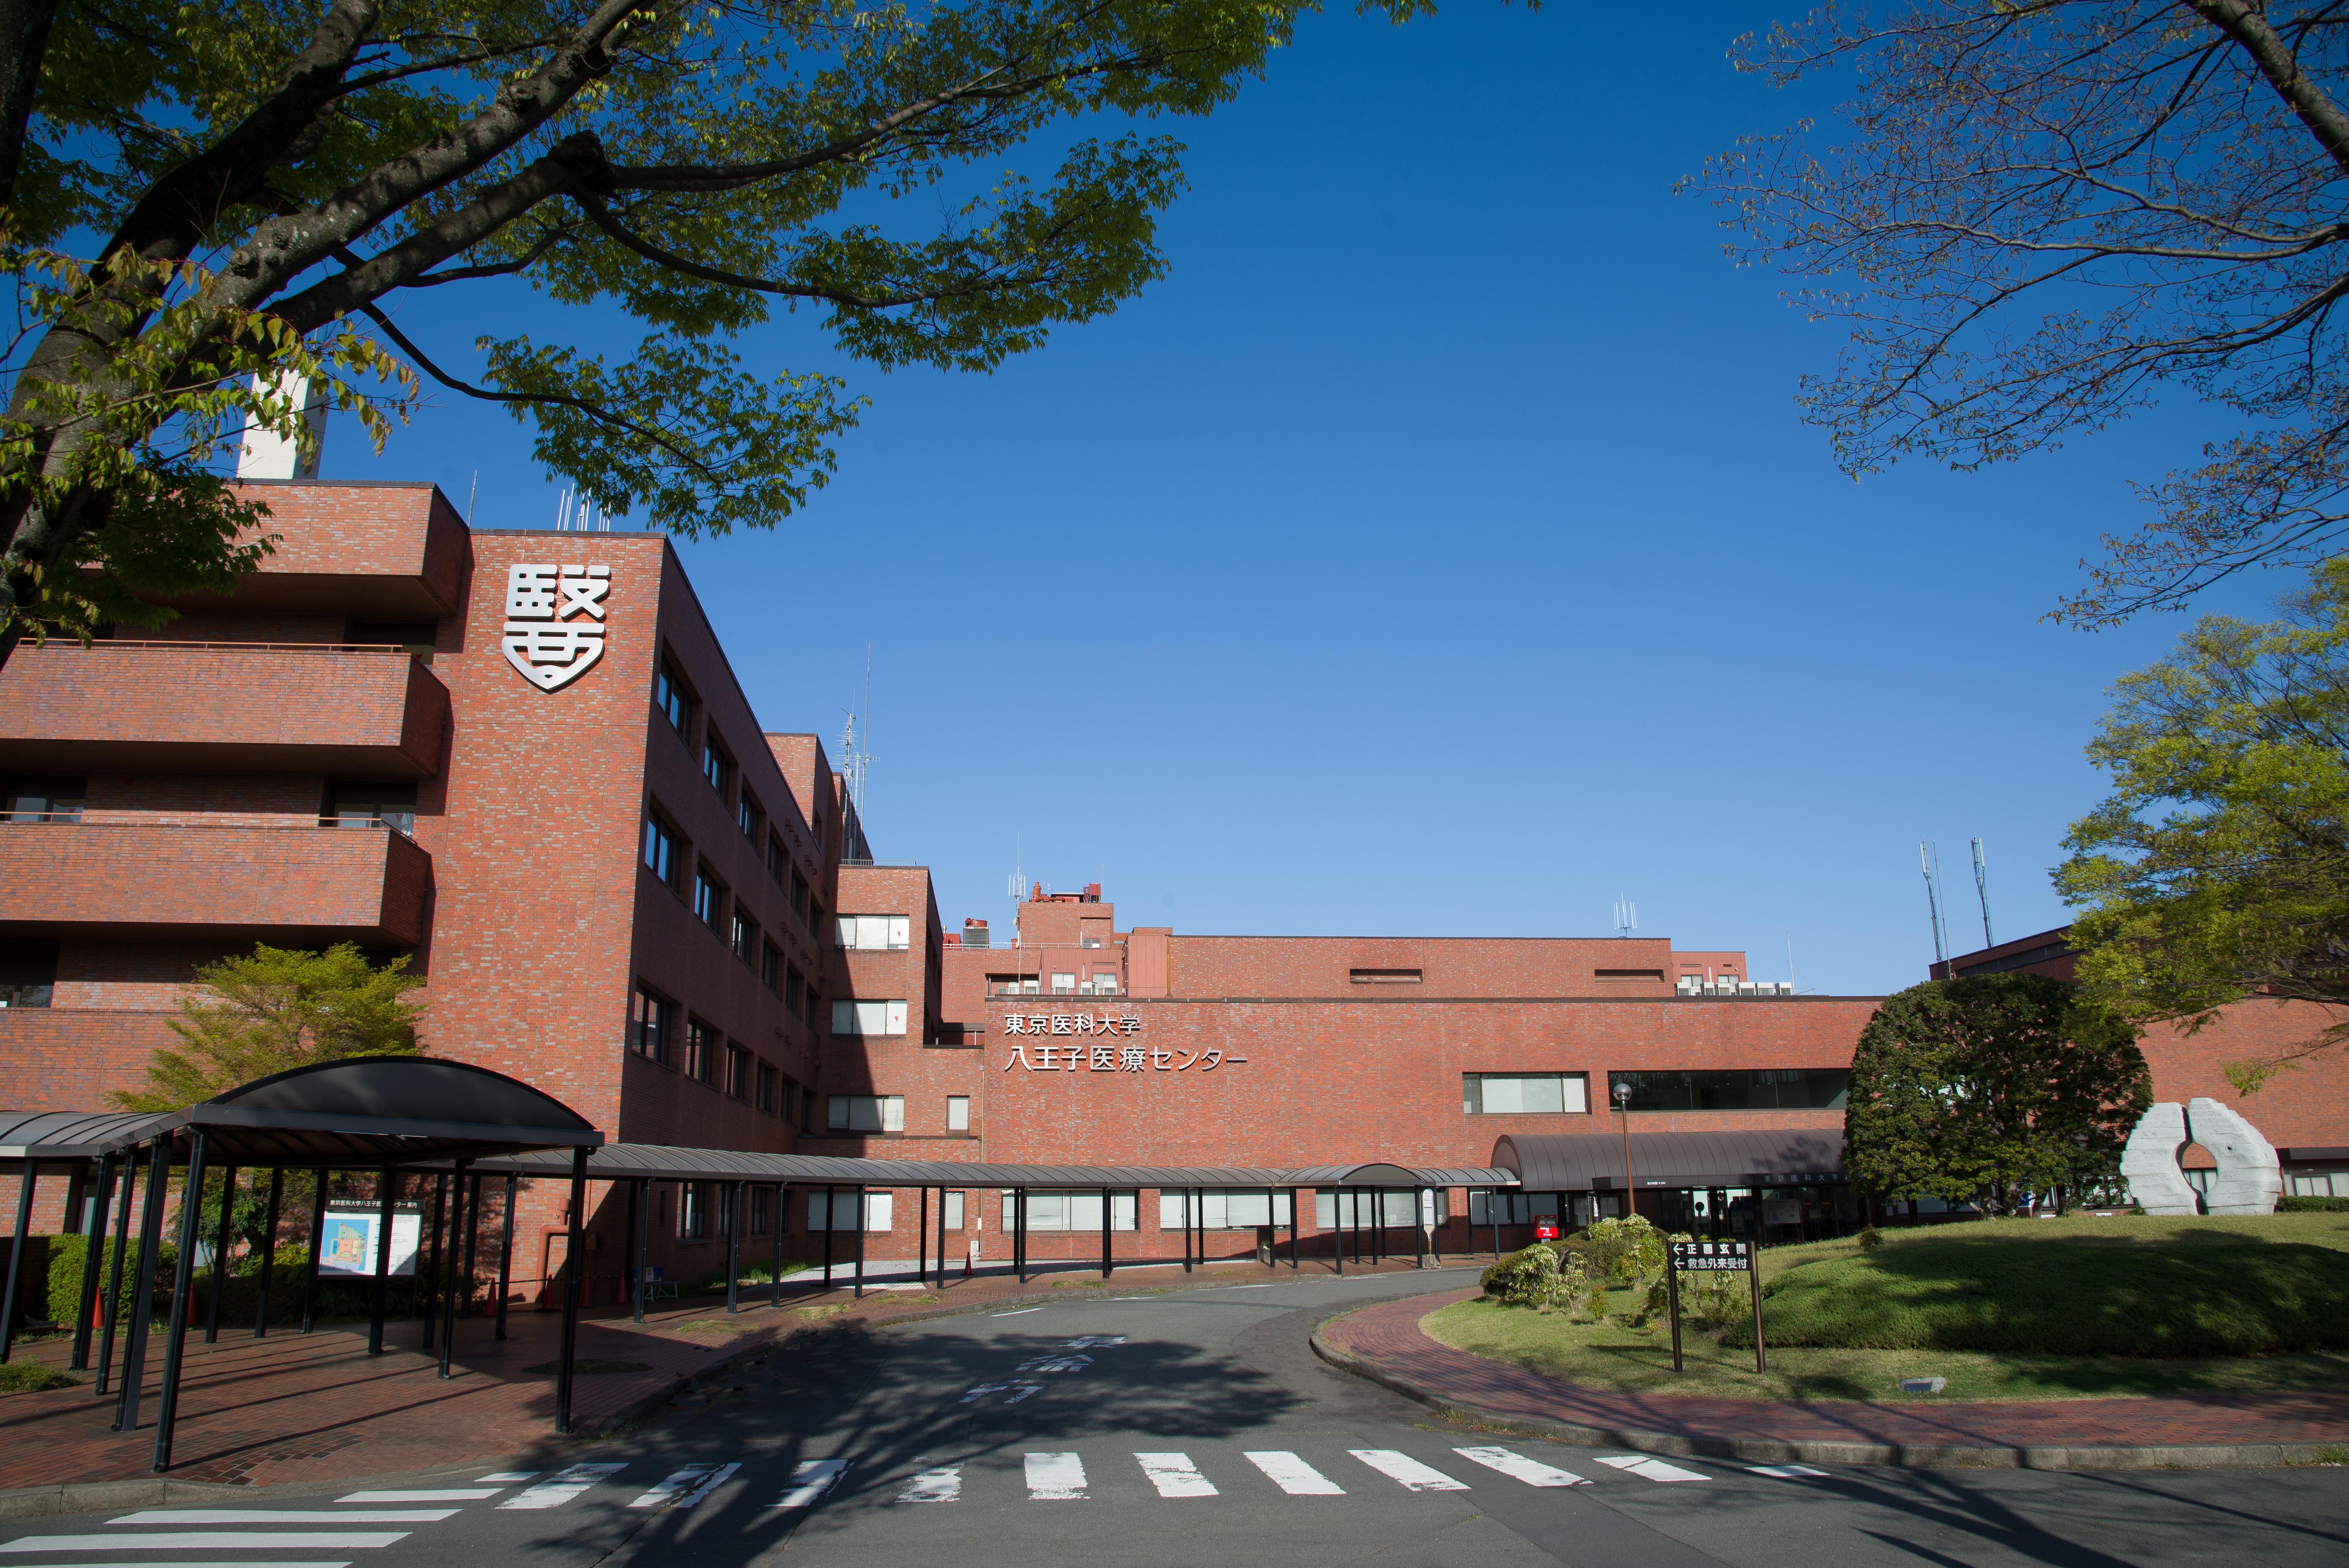 *2021年5月31日(月)より 病院見学一部再開のお知らせ     最後のスライドをご参照下さい。                                            東京医科大学八王子医療センターでは、患者さんを中心に信頼関係を築き、良質な医療を実践するという基本理念のもとに、医療に取り組んでおります。また、患者さんの権利を制定し、その権利を尊重することとしております。そして、患者さんと医療者とのパートナーシップを重要な事柄として位置付けています。  そのため、「患者サポート相談窓口」、「がん相談支援センター」、「患者さんの図書室」などを設置し、患者さんが十分な説明のもとに自分の意思で治療の選択ができるよう、「インフォームド・コンセント」「セカンドオピニオン」「情報開示」などに努めております。  医療の質と患者さんの安全確保については、患者さんと医療者とが信頼関係に基づき築き上げてゆくものであり、患者さんが積極的に医療に参加することが重要です。  安全で安心できる高度な医療を行うため、患者さんとより良いパートナーシップを築いてゆきたいと考えています。